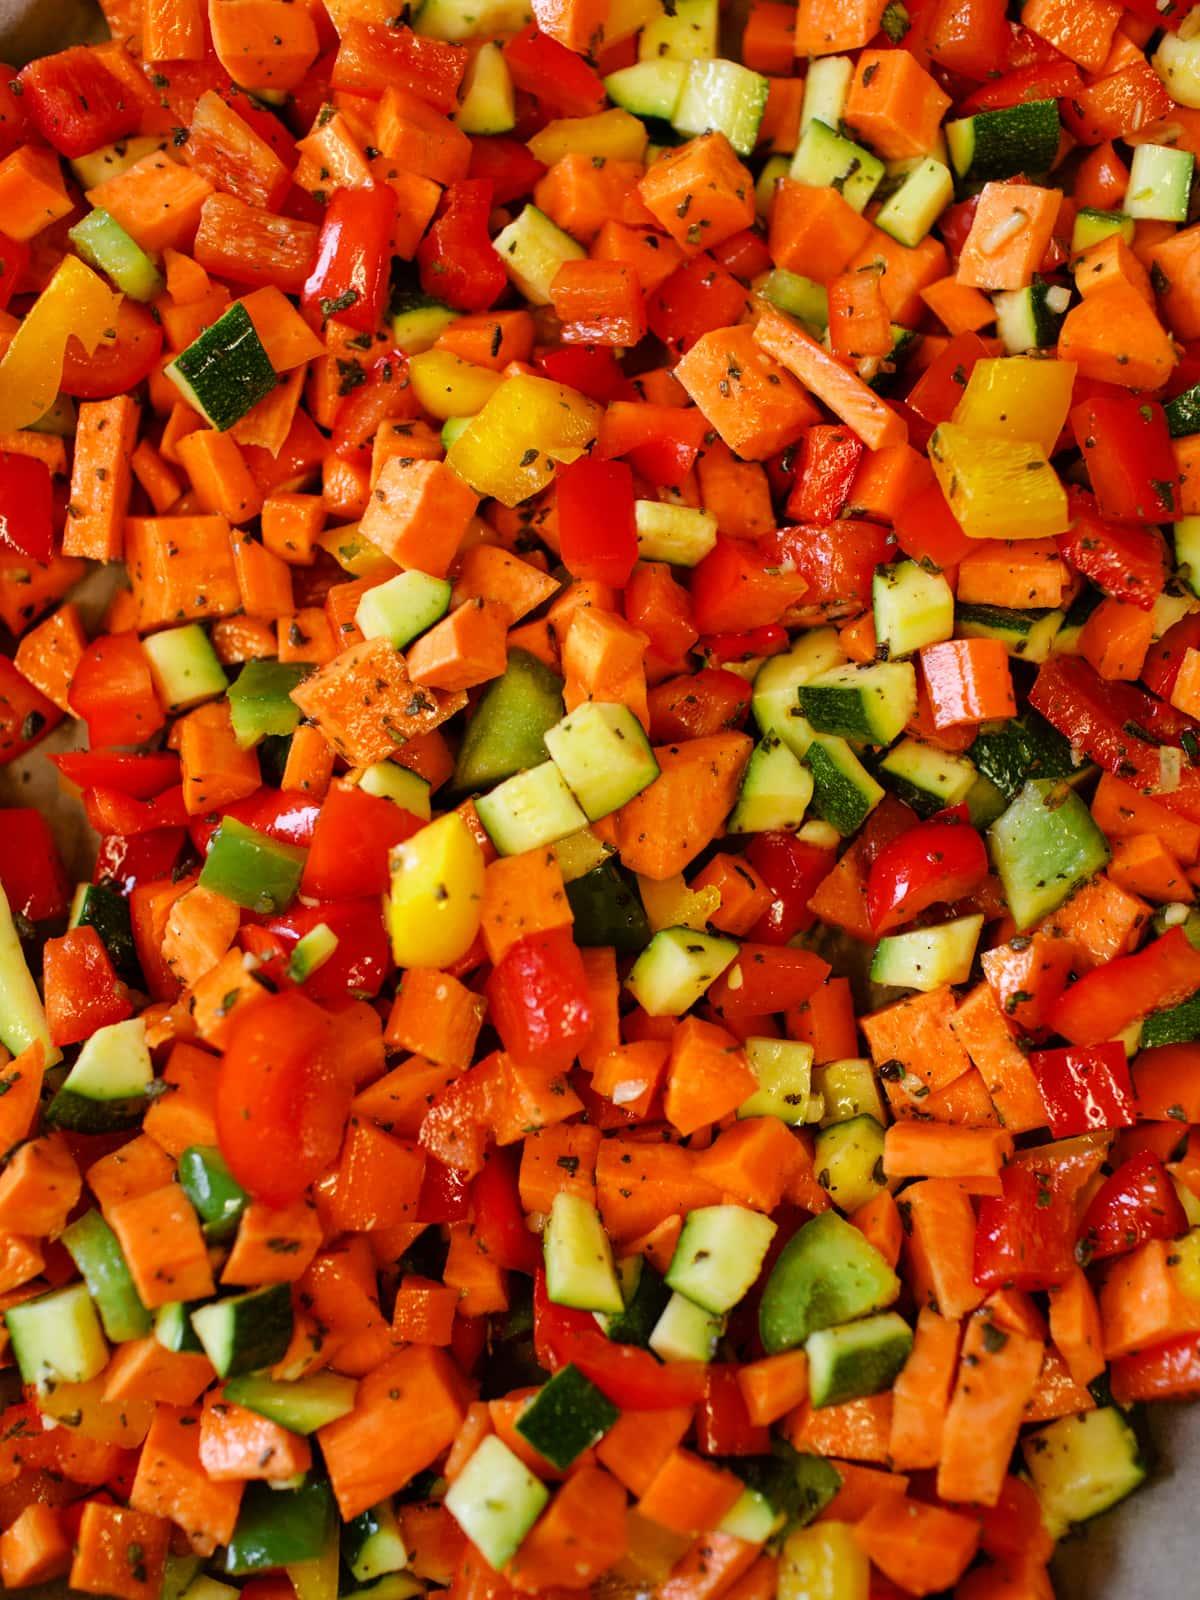 Kartoffelrouladen-gefüllt-mit-Spinat-Ricotta-und-buntem-Gemüse-ökoinstitut-Sterneacker (11)